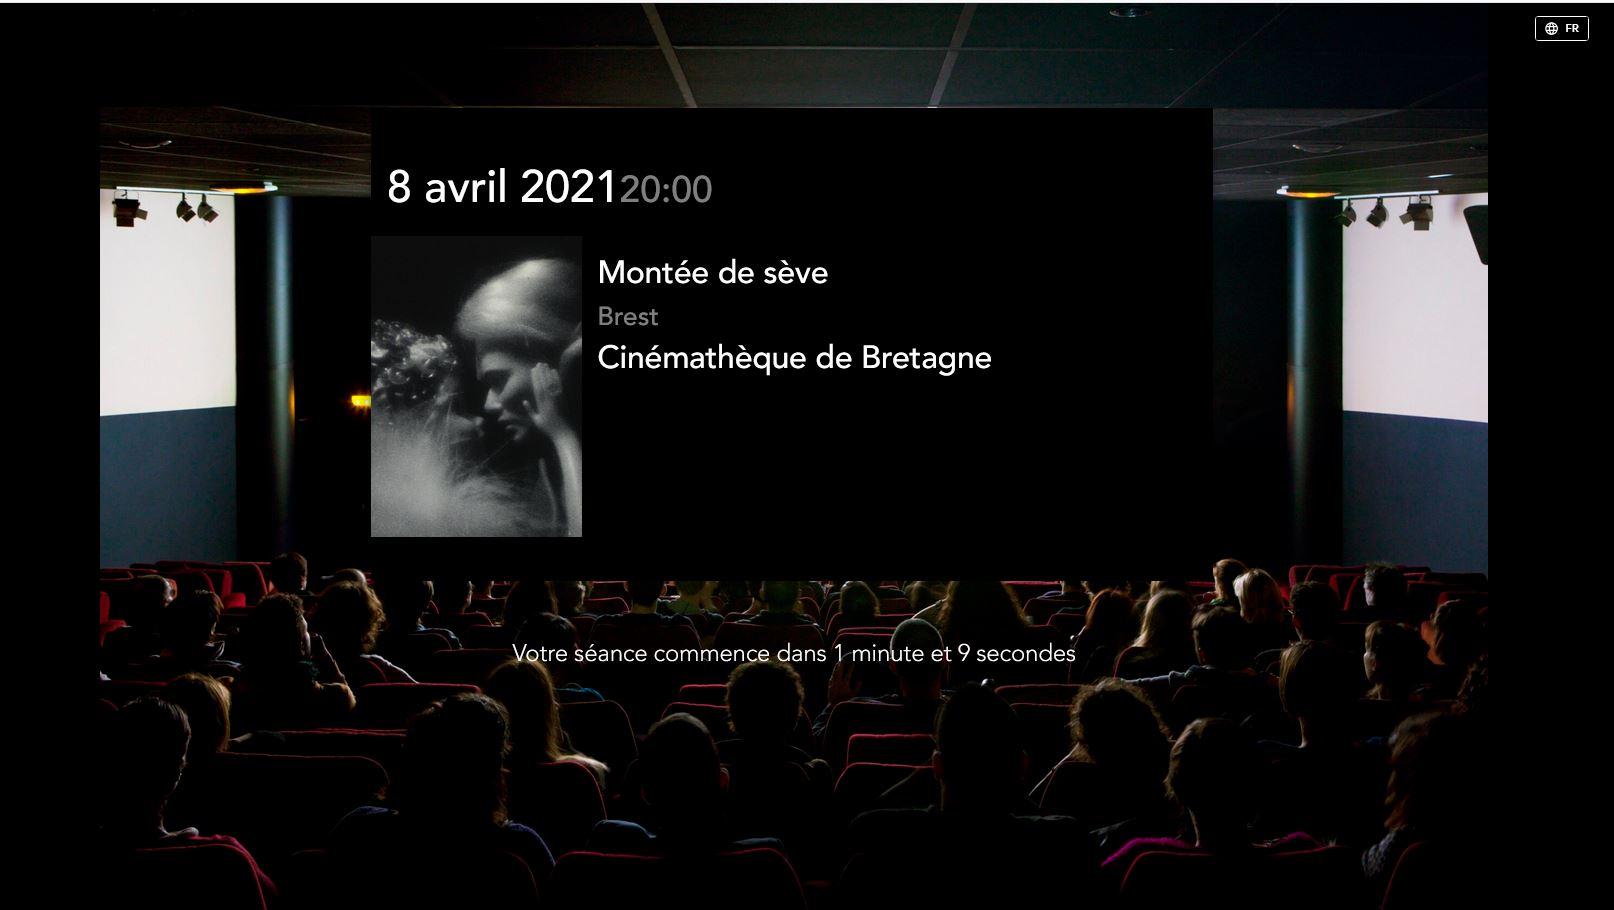 Capture d'écran d'attente d'une séance de la Cinémathèque de Bretagne sur la plateforme la 25e heure